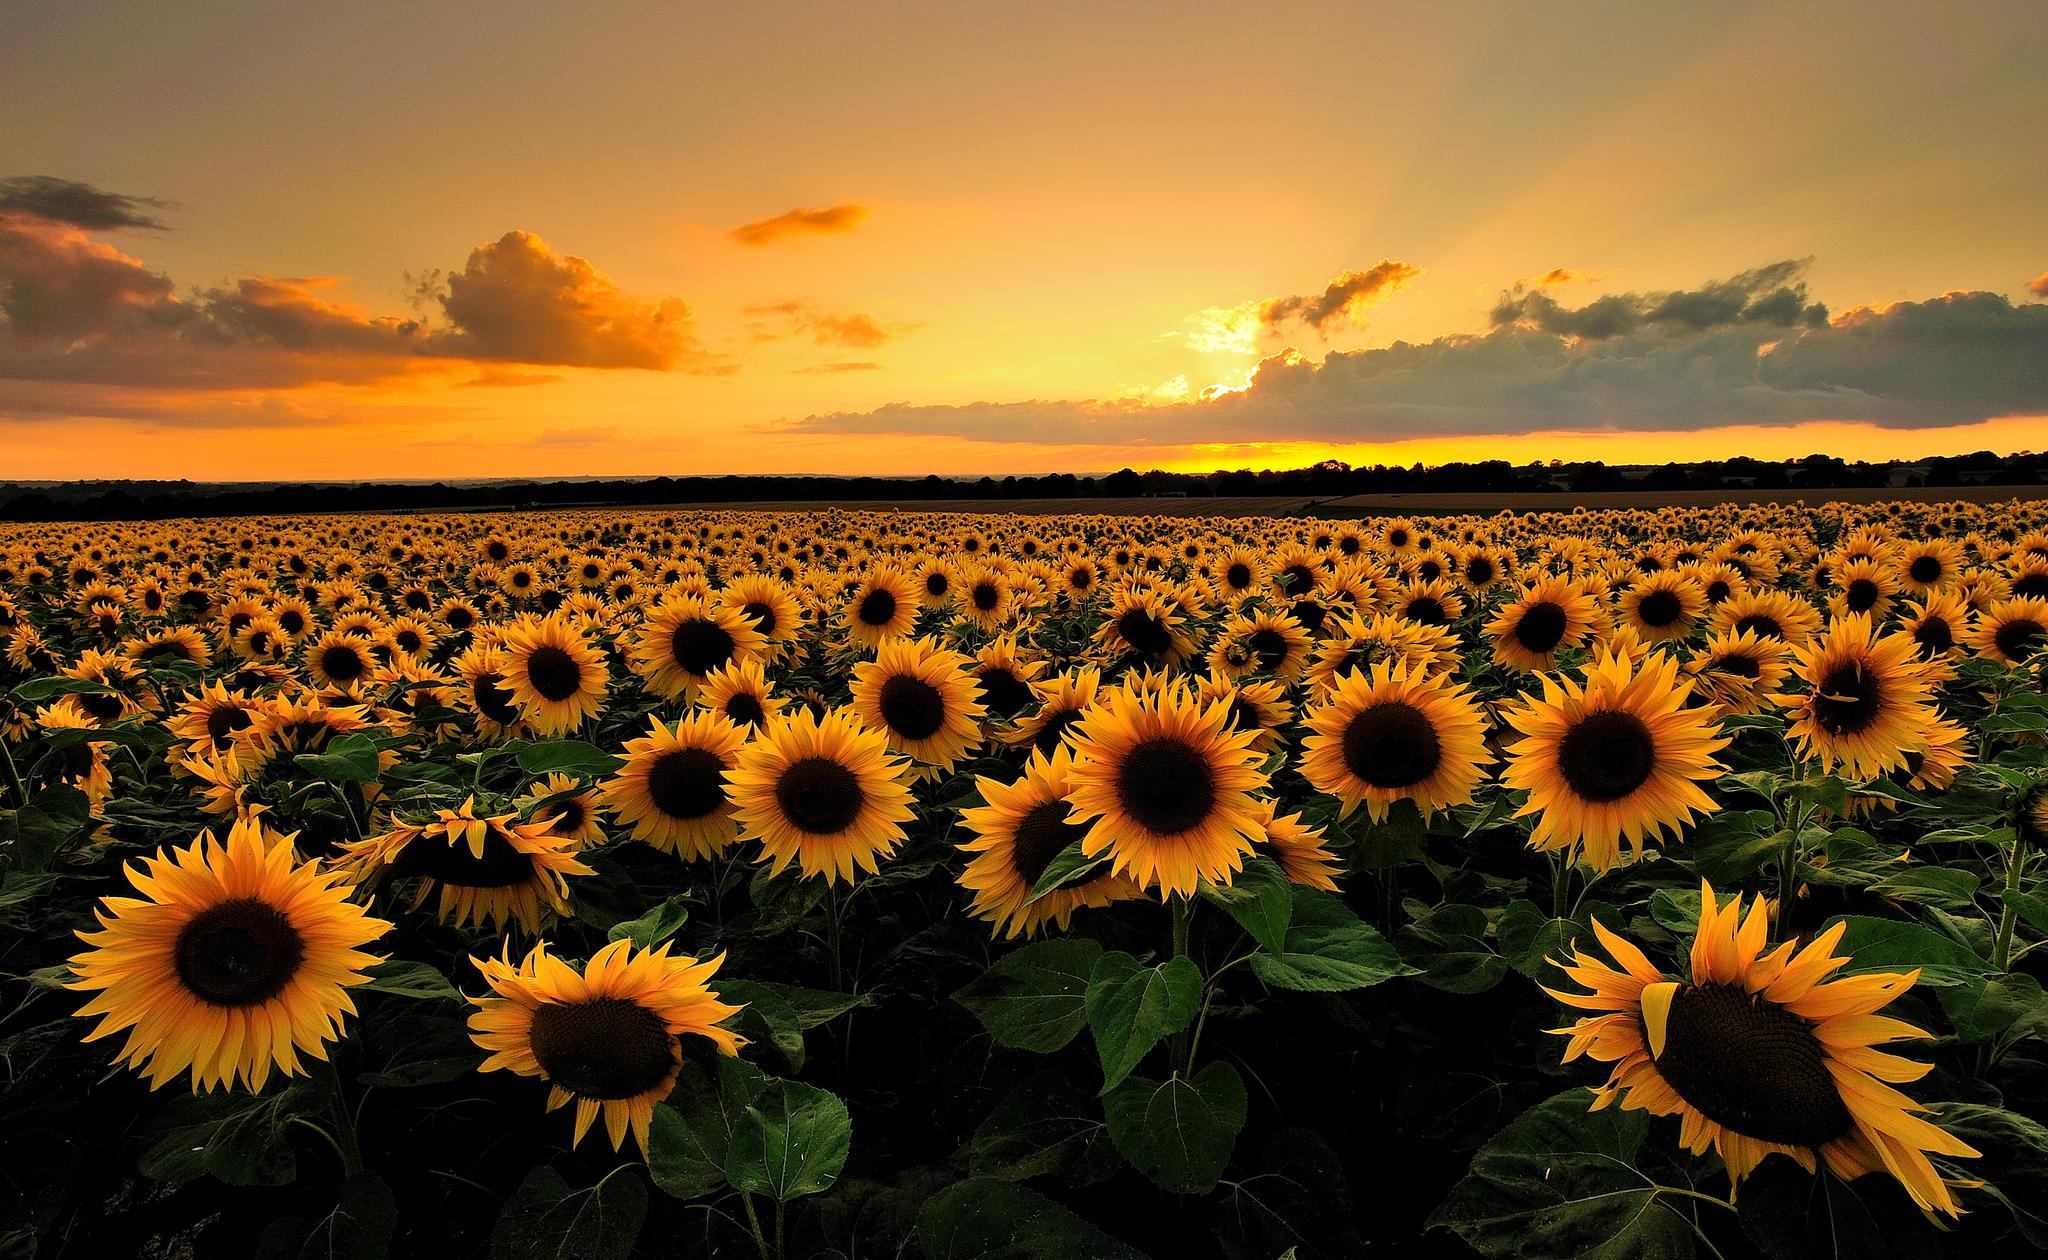 Hình ảnh hoa hướng dương đẹp nhất (4K) 13